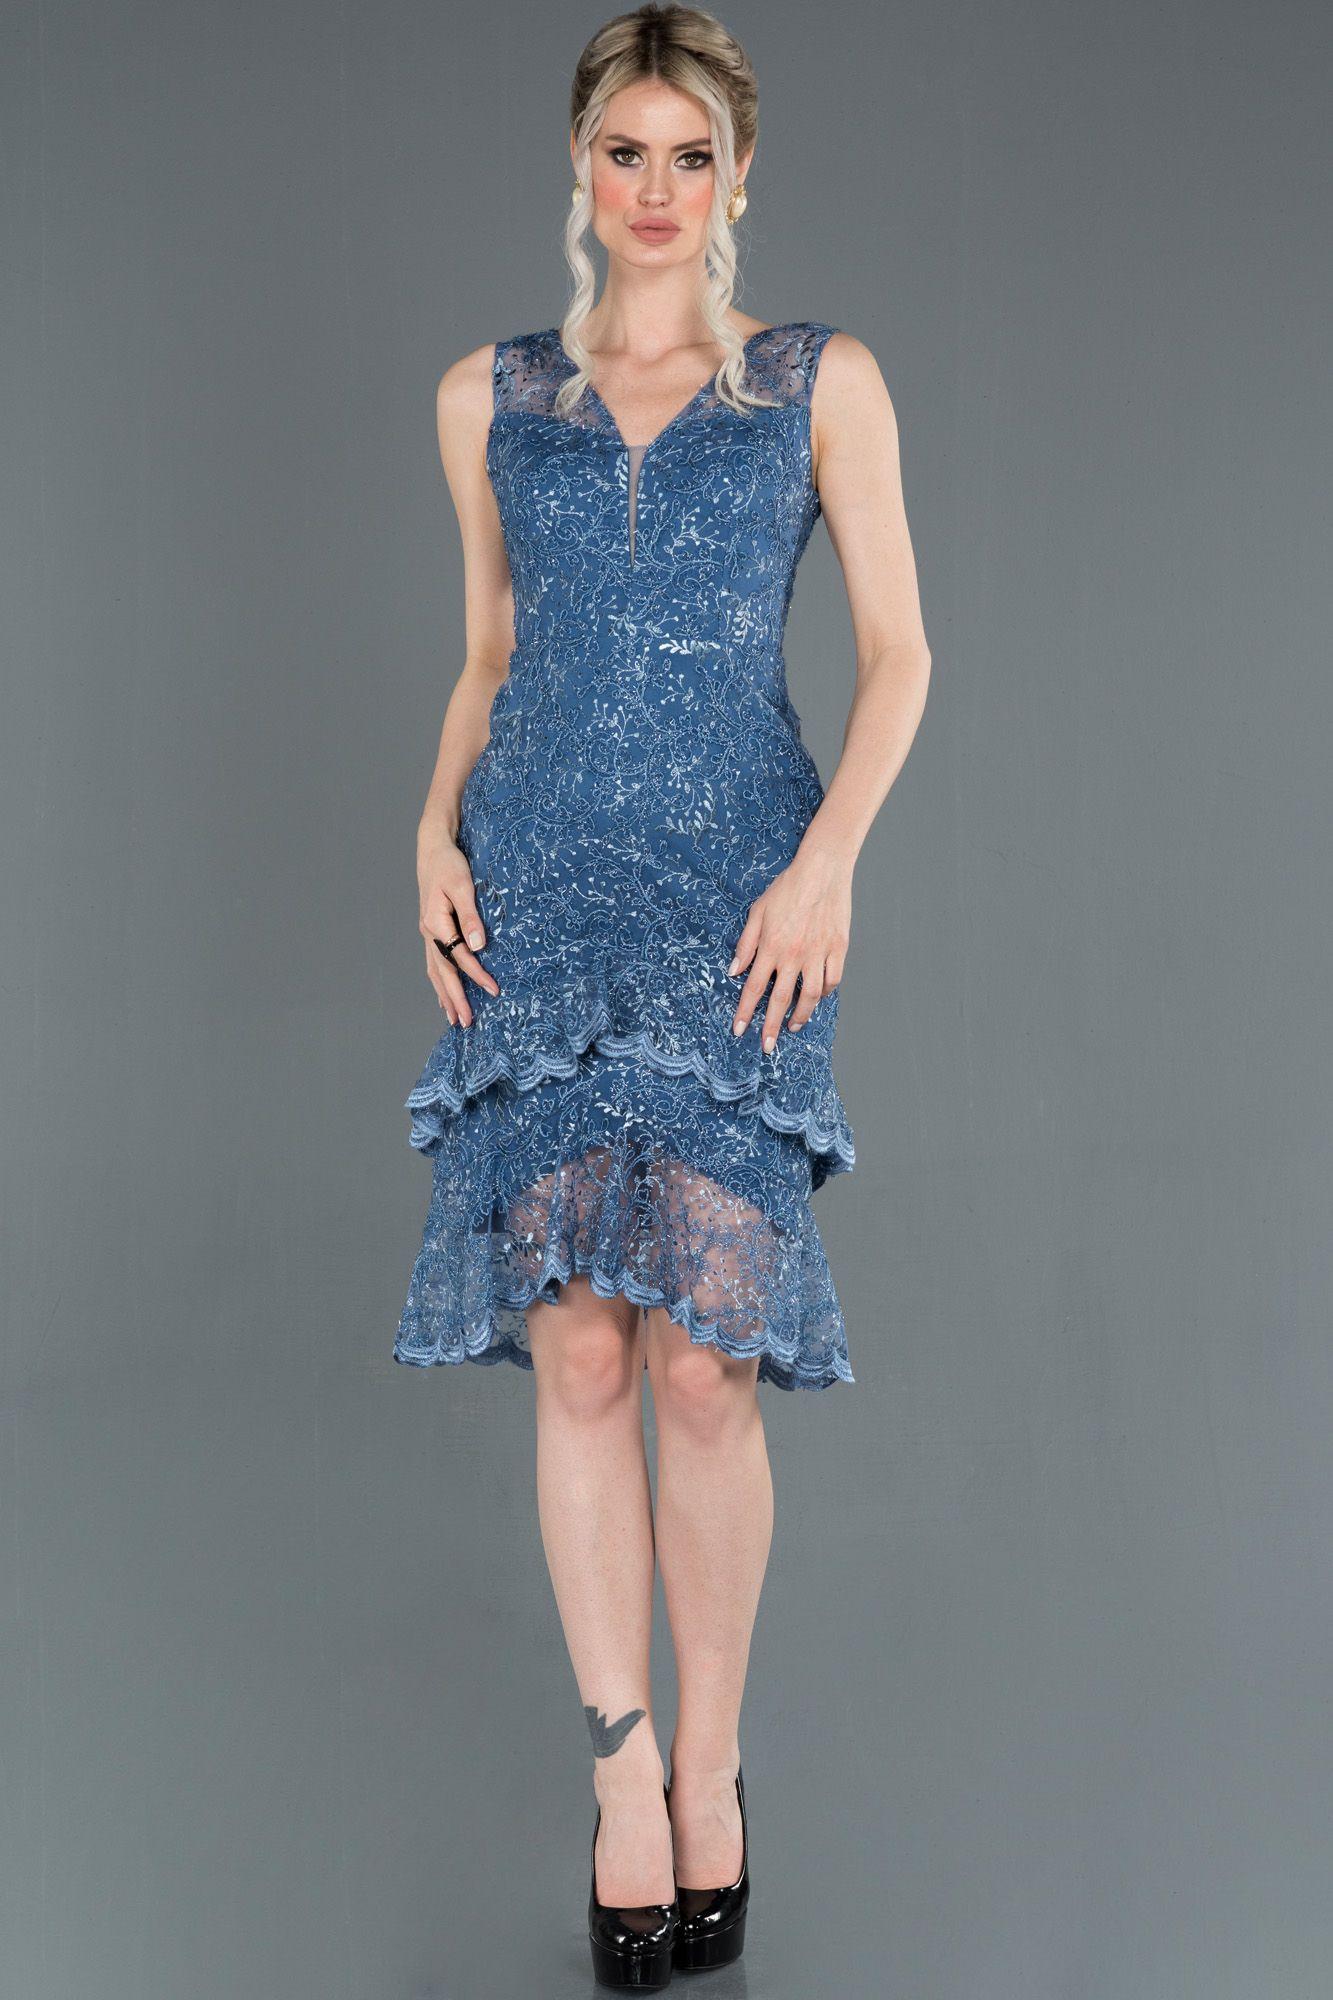 Kisa Abiyeler Short Prom Dress 2020 Elbise Elbiseler The Dress